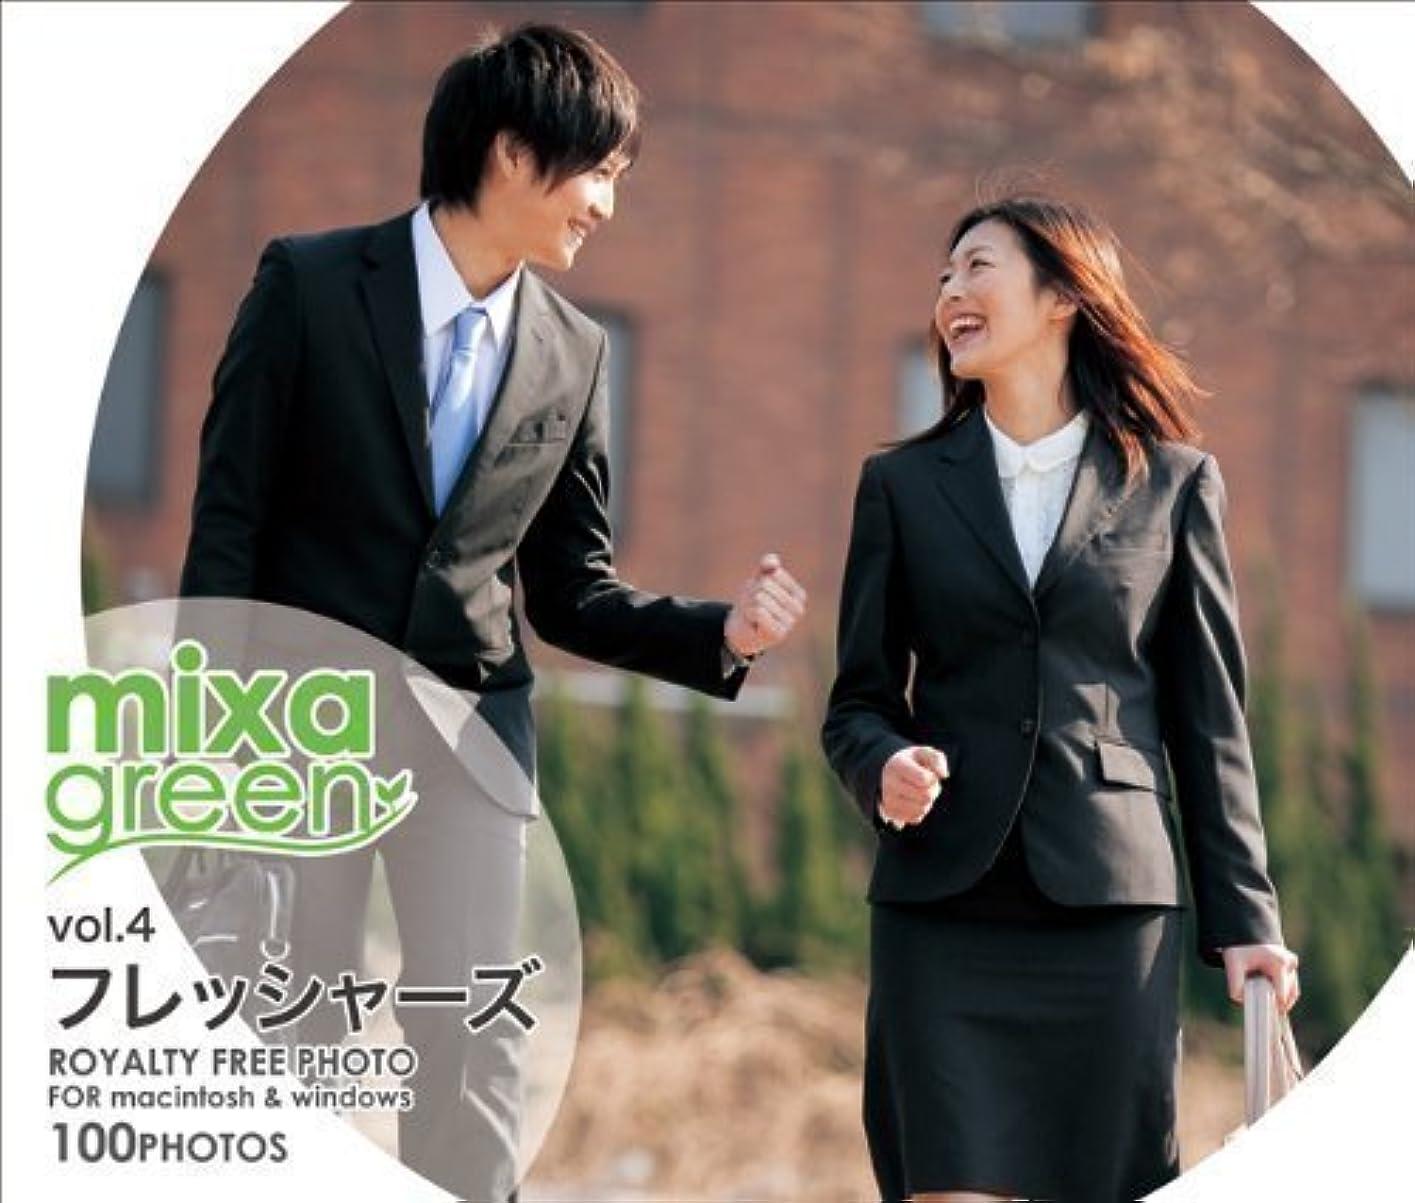 溶岩透明に改修するmixa green vol.004 フレッシャーズ